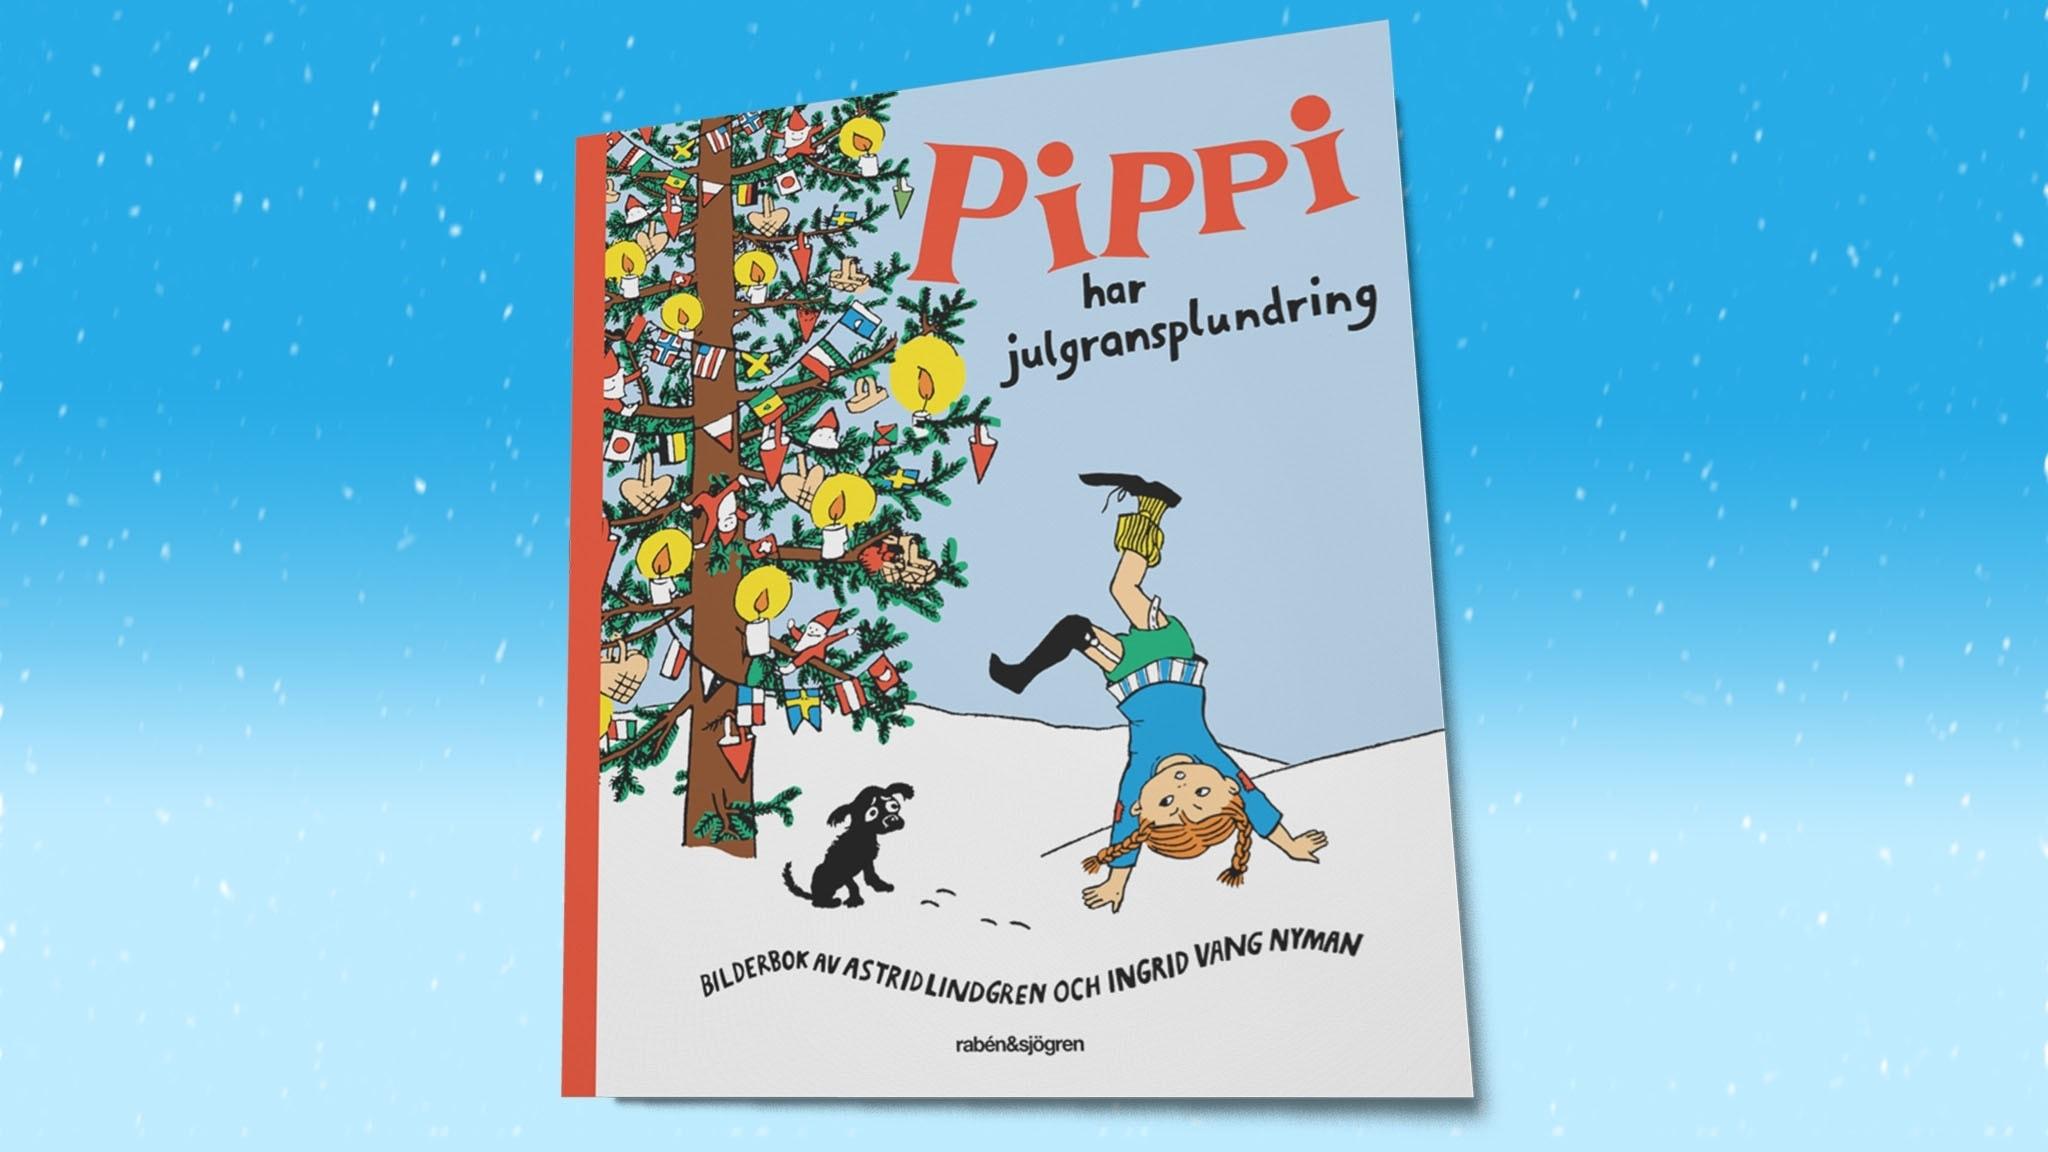 Pippi har julgransplundring, del 1